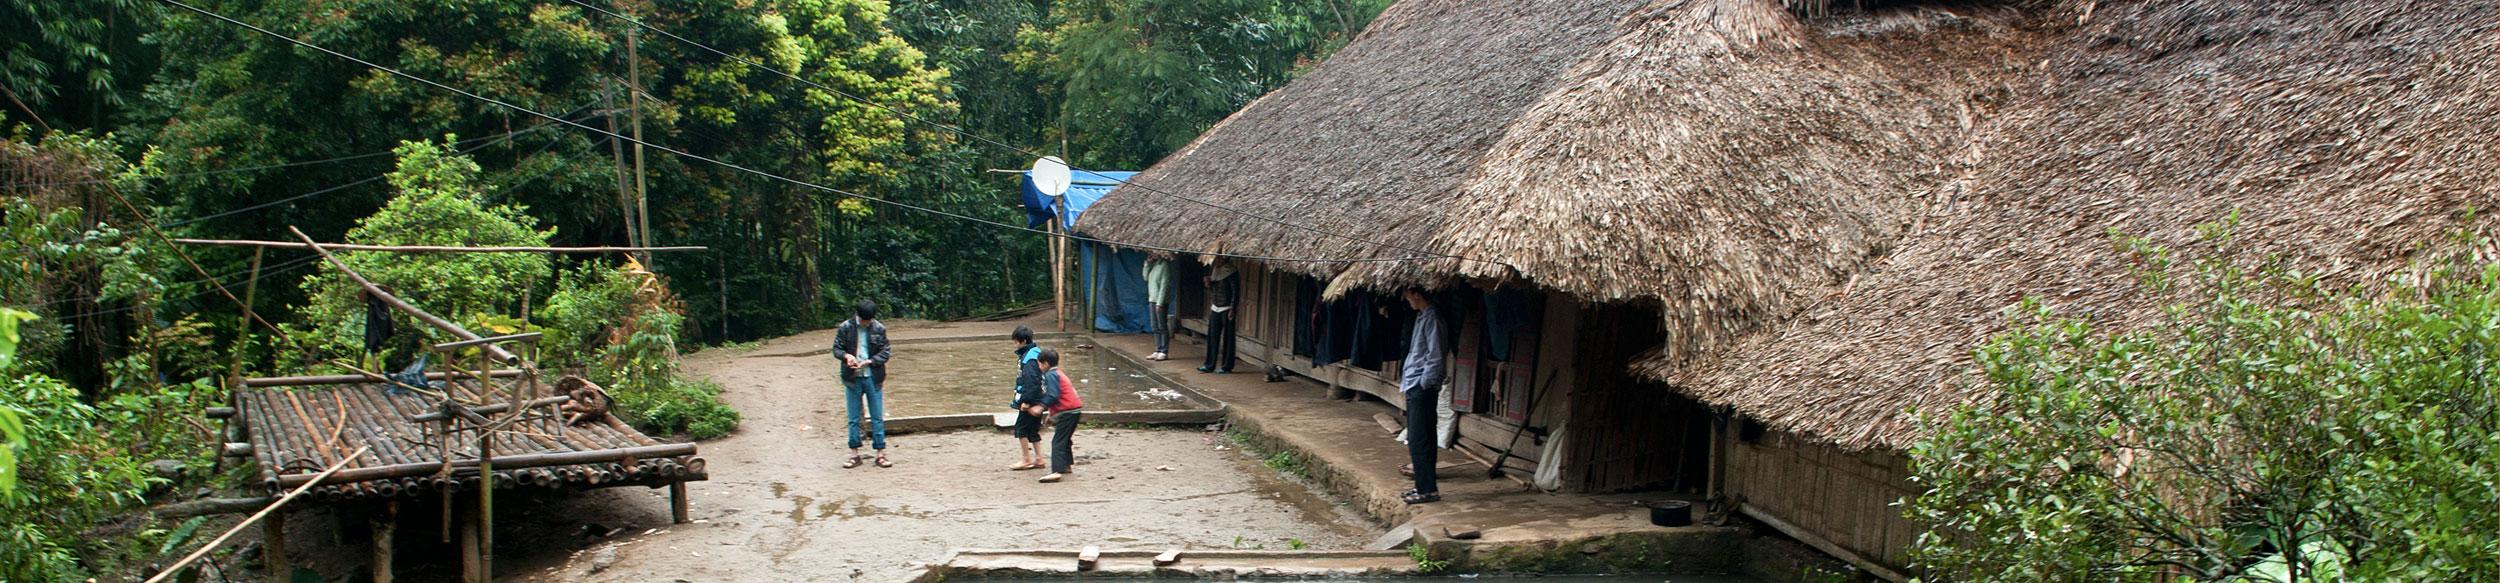 Maison ethnique dans la région de Luc Yen au nord Vietnam